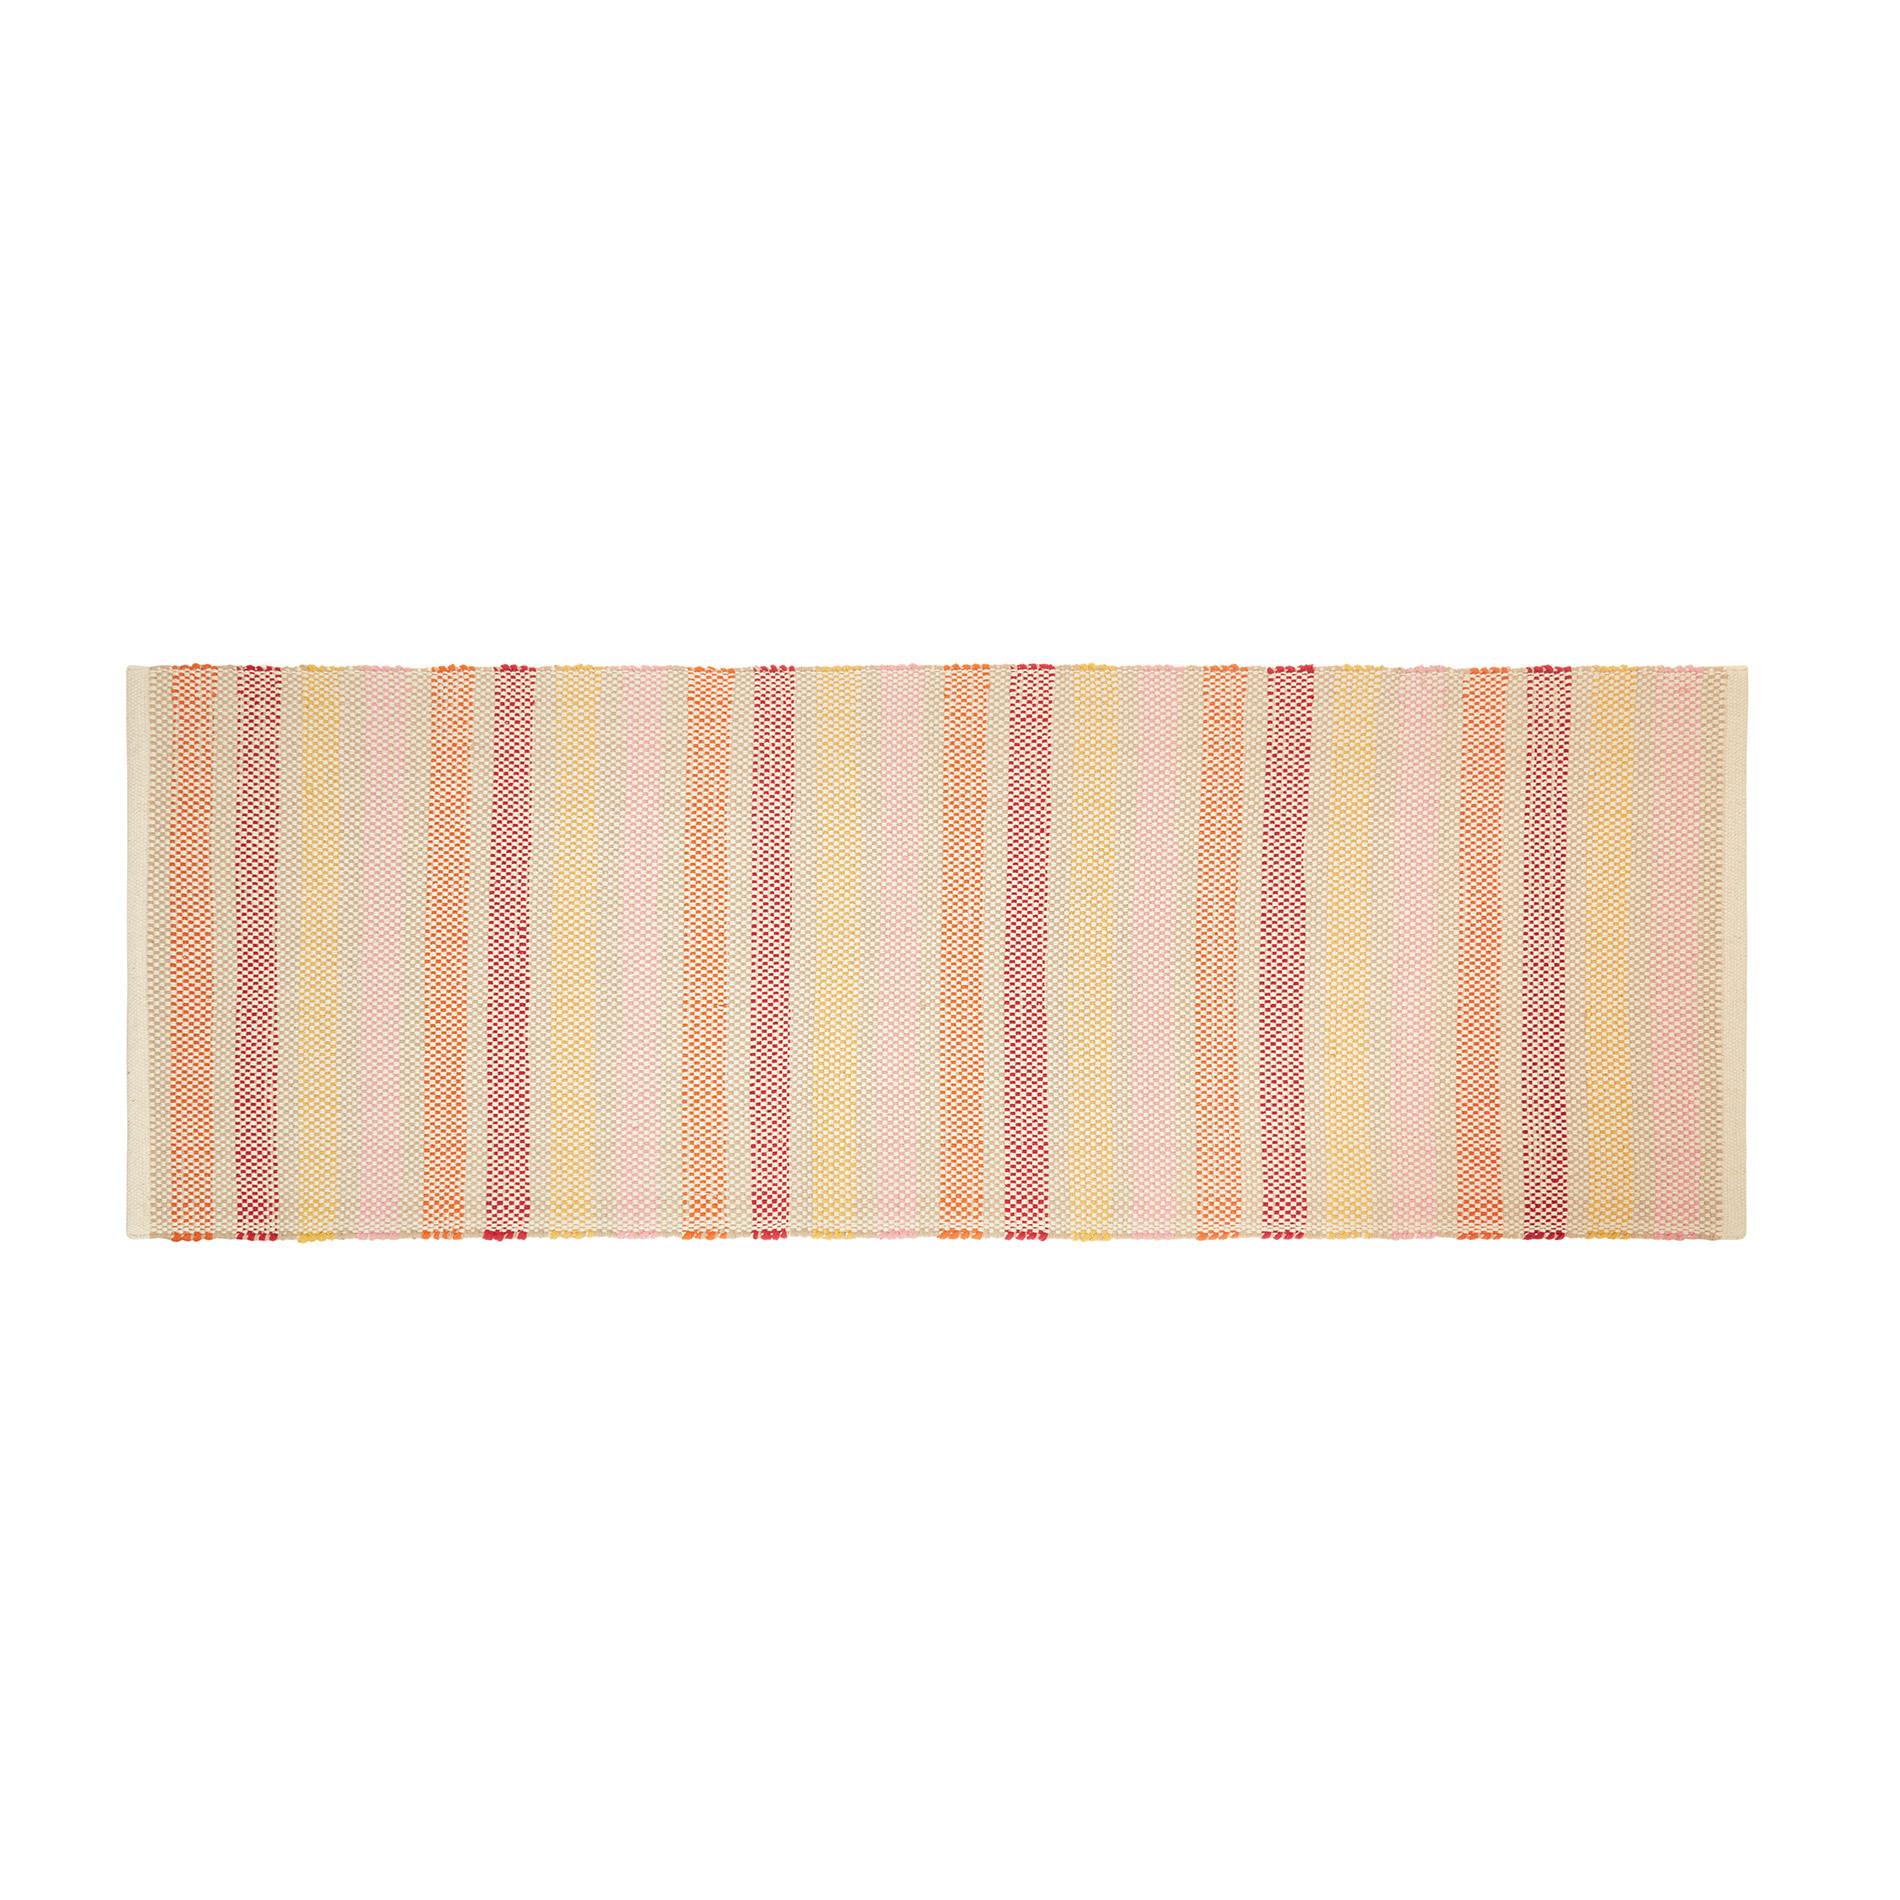 Tappeto da cucina puro cotone a righe, Multicolor, large image number 0